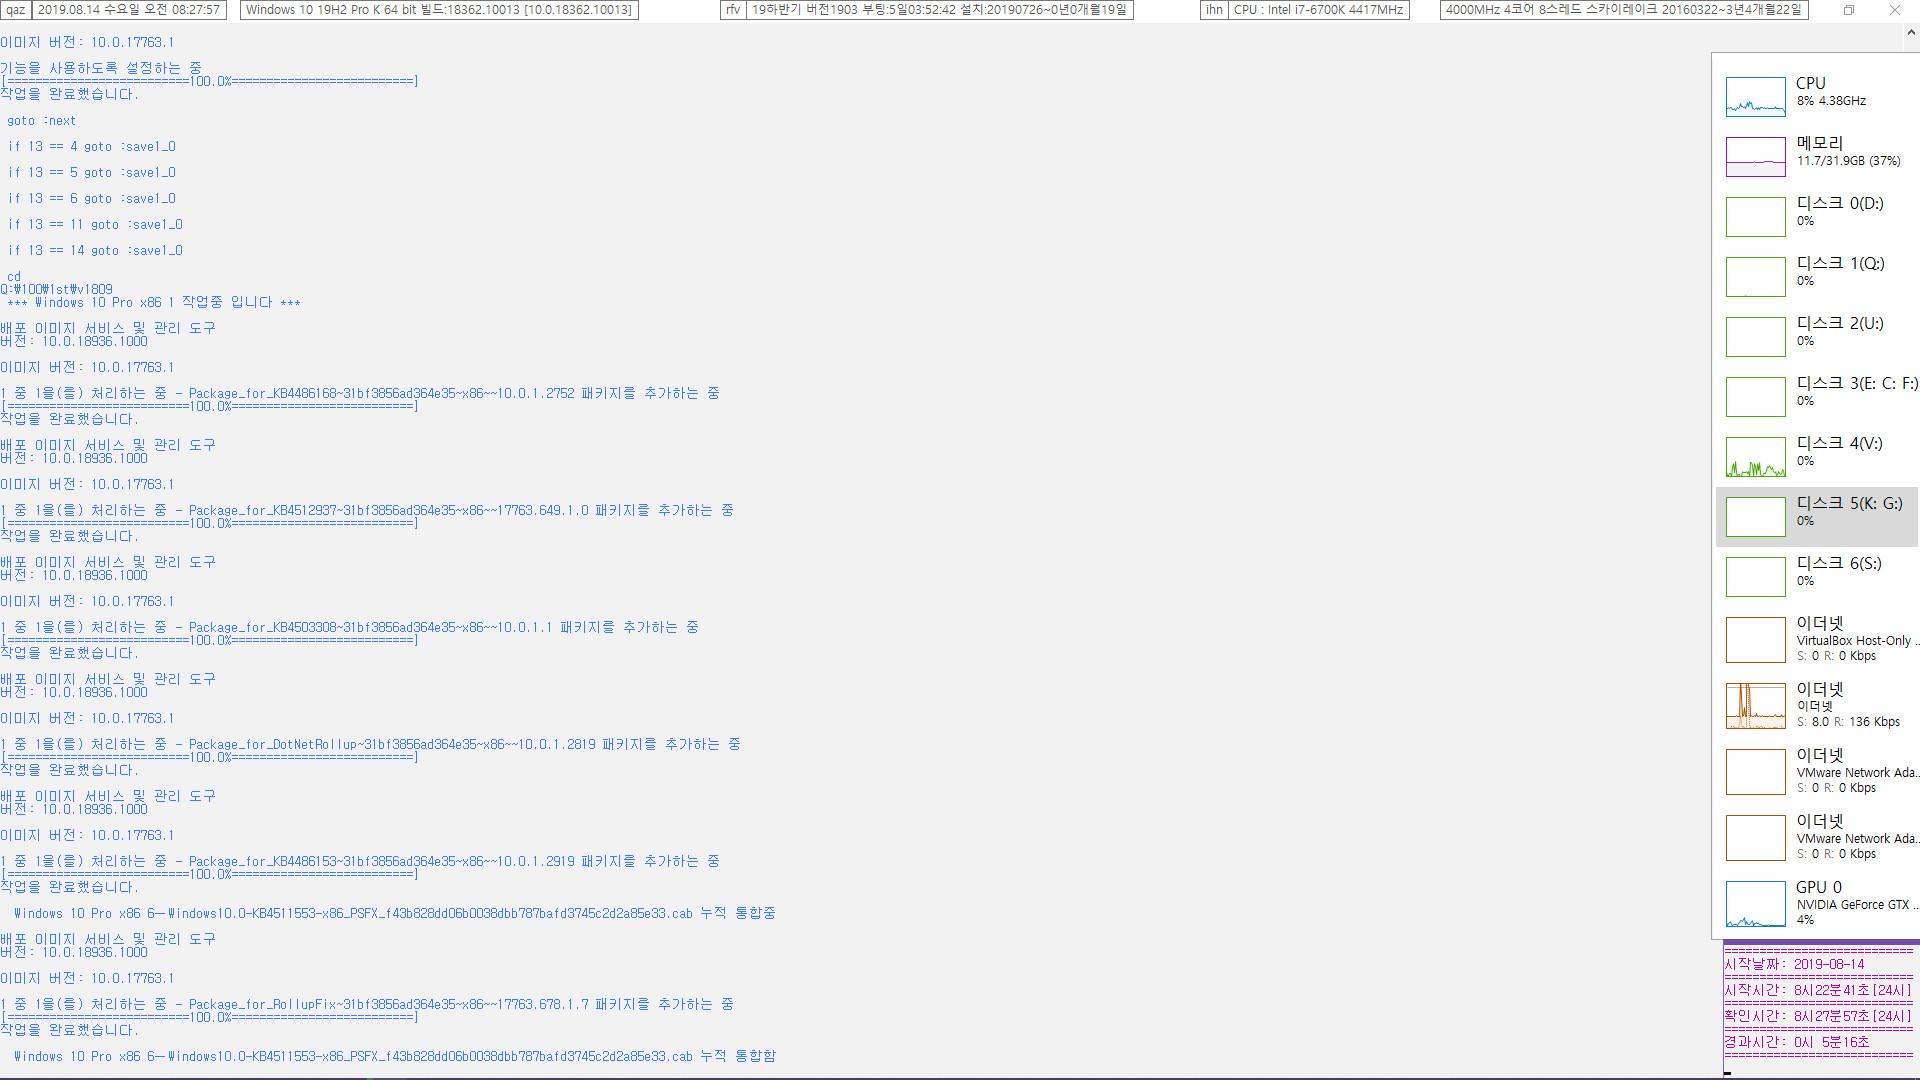 2019-08-14 정기 업데이트 나왔네요 - Windows 10 버전 1809 누적 업데이트 KB4511553 (OS 빌드 17763.678) [2019-08-13 일자] 통합중 입니다 - 닷넷 4.8 추가로 나오네요 - 32비트만 테스트 통합 - 또 다른 닷넷이 나오네요. 그냥 둘다 통합해야겠습니다 - 통합- 와아 할말이 없군요 - 다른 닷넷 업데이트와 닷넷 4.8 언어팩 통합 2019-08-14_082757.jpg